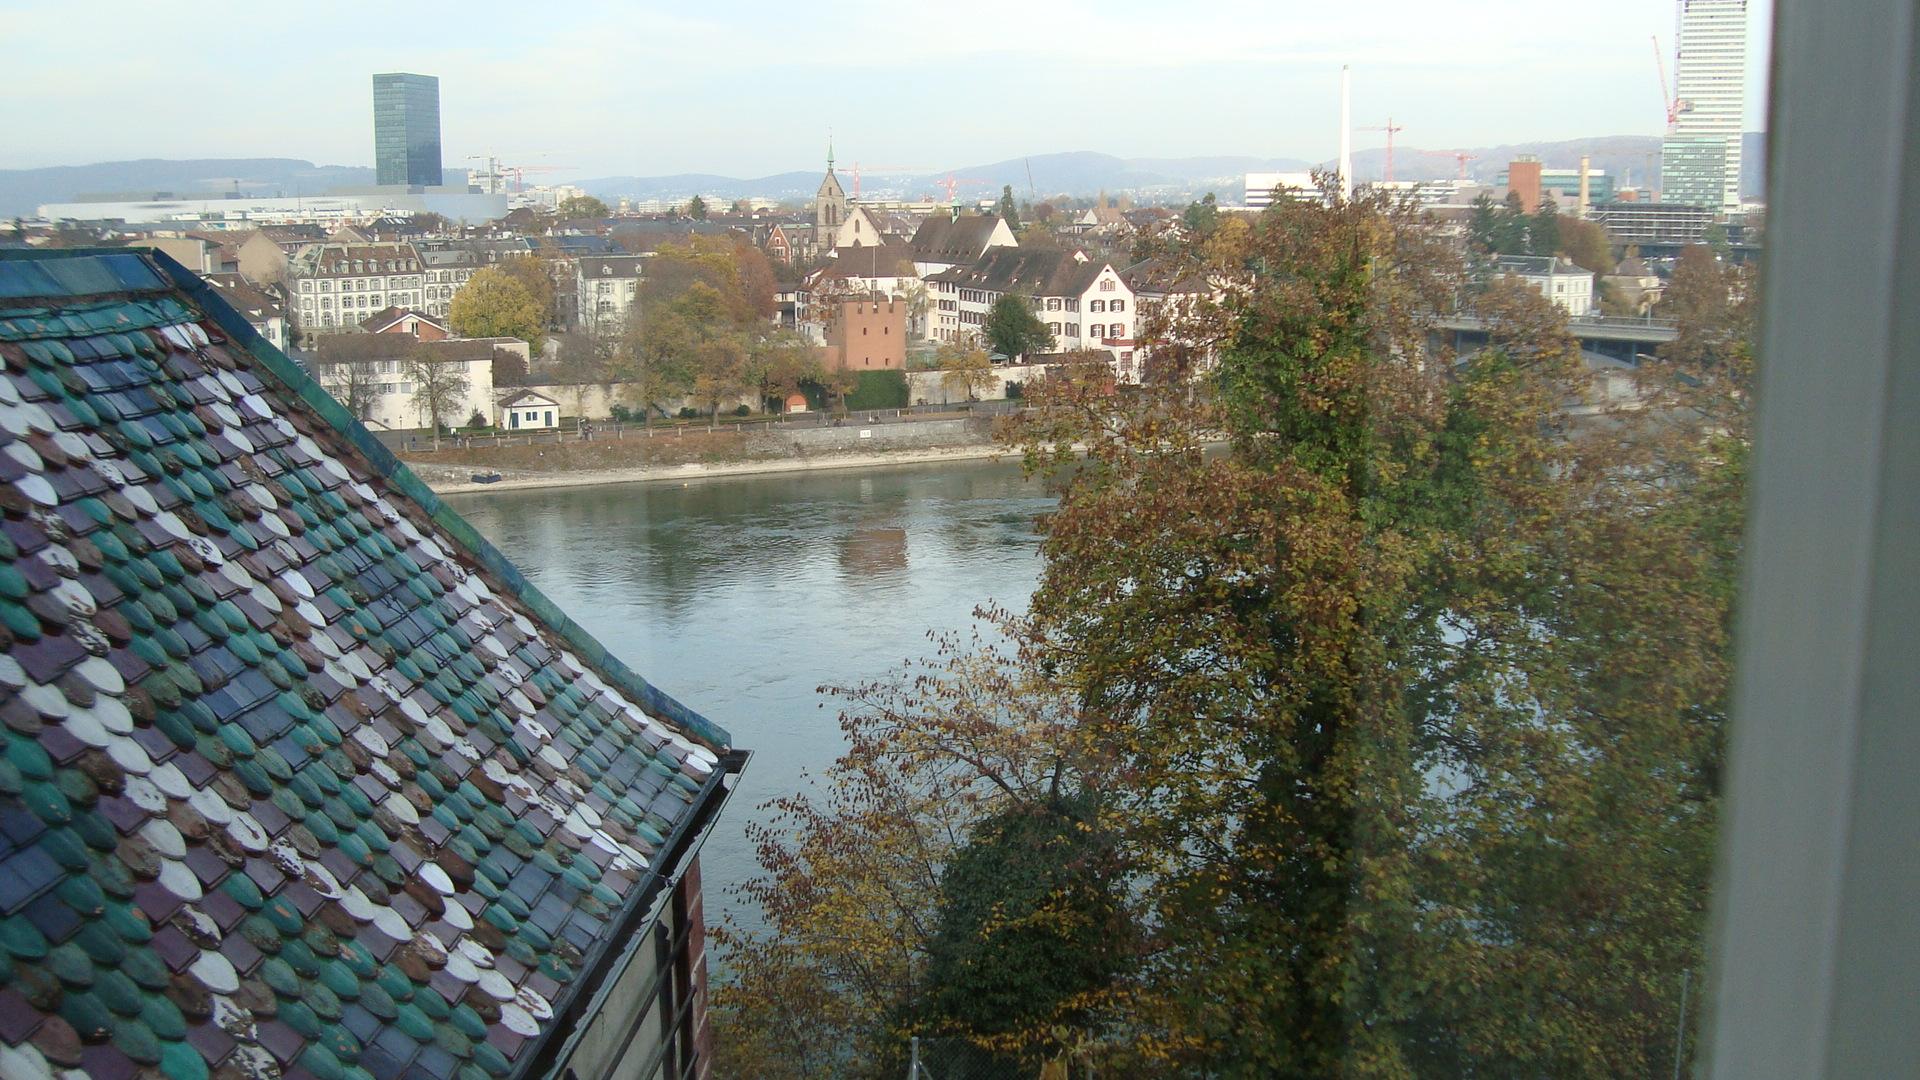 DSC03002_Blick vom Münster auf den Rhein